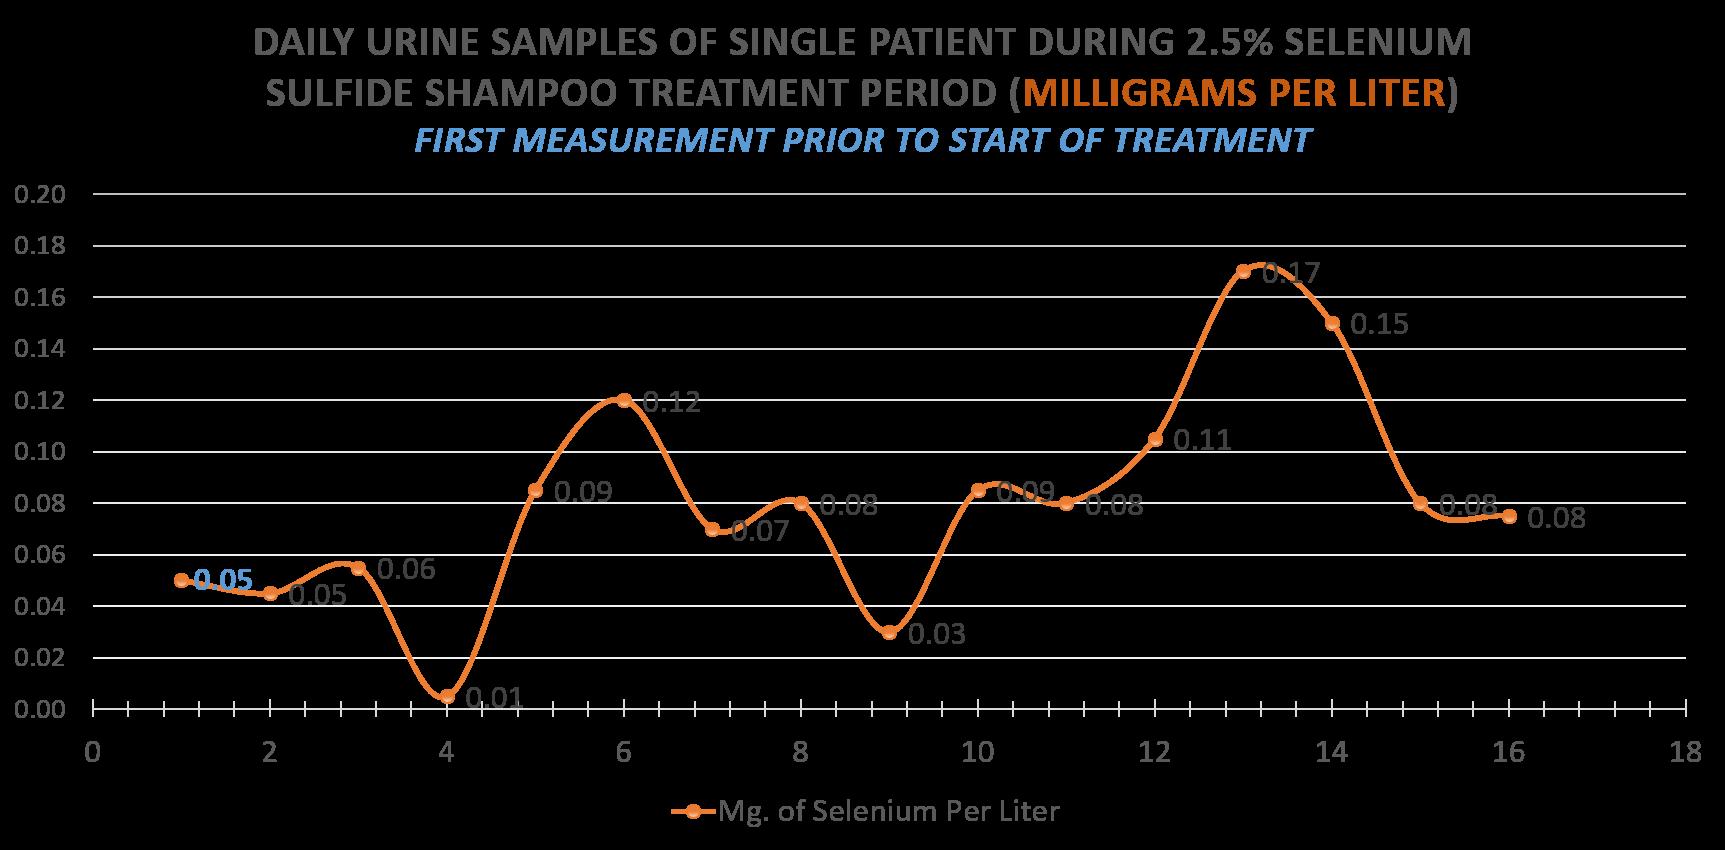 2.5% Selenium Sulfide Seborrheic Dermatitis Treatment - Urine Concentration During Treatment